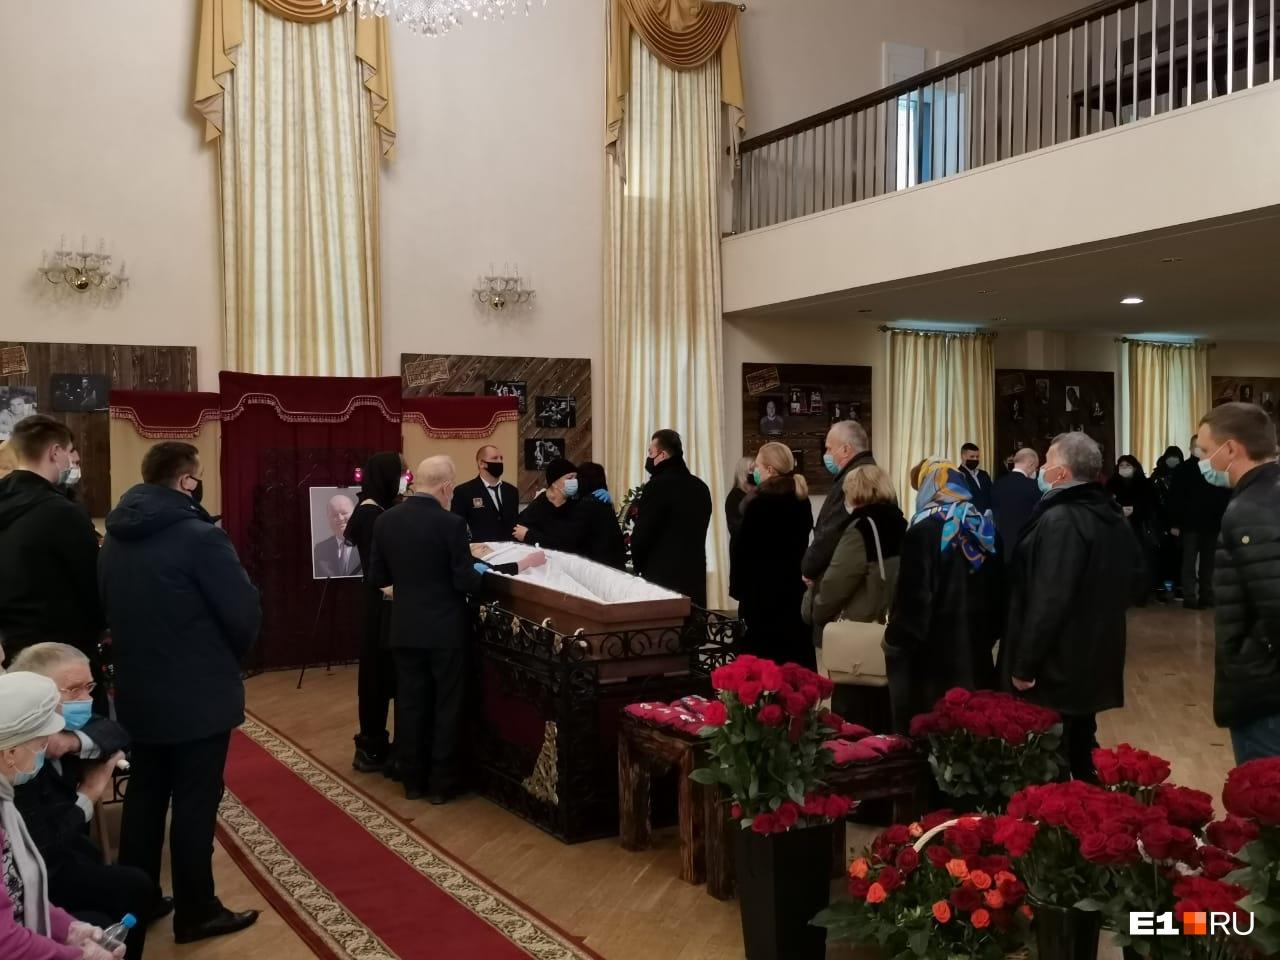 Кроме руководителей региона, бизнесменов, топ-менеджеров в зал пришло много простых сотрудников компании, где работал Алексей Рябцев